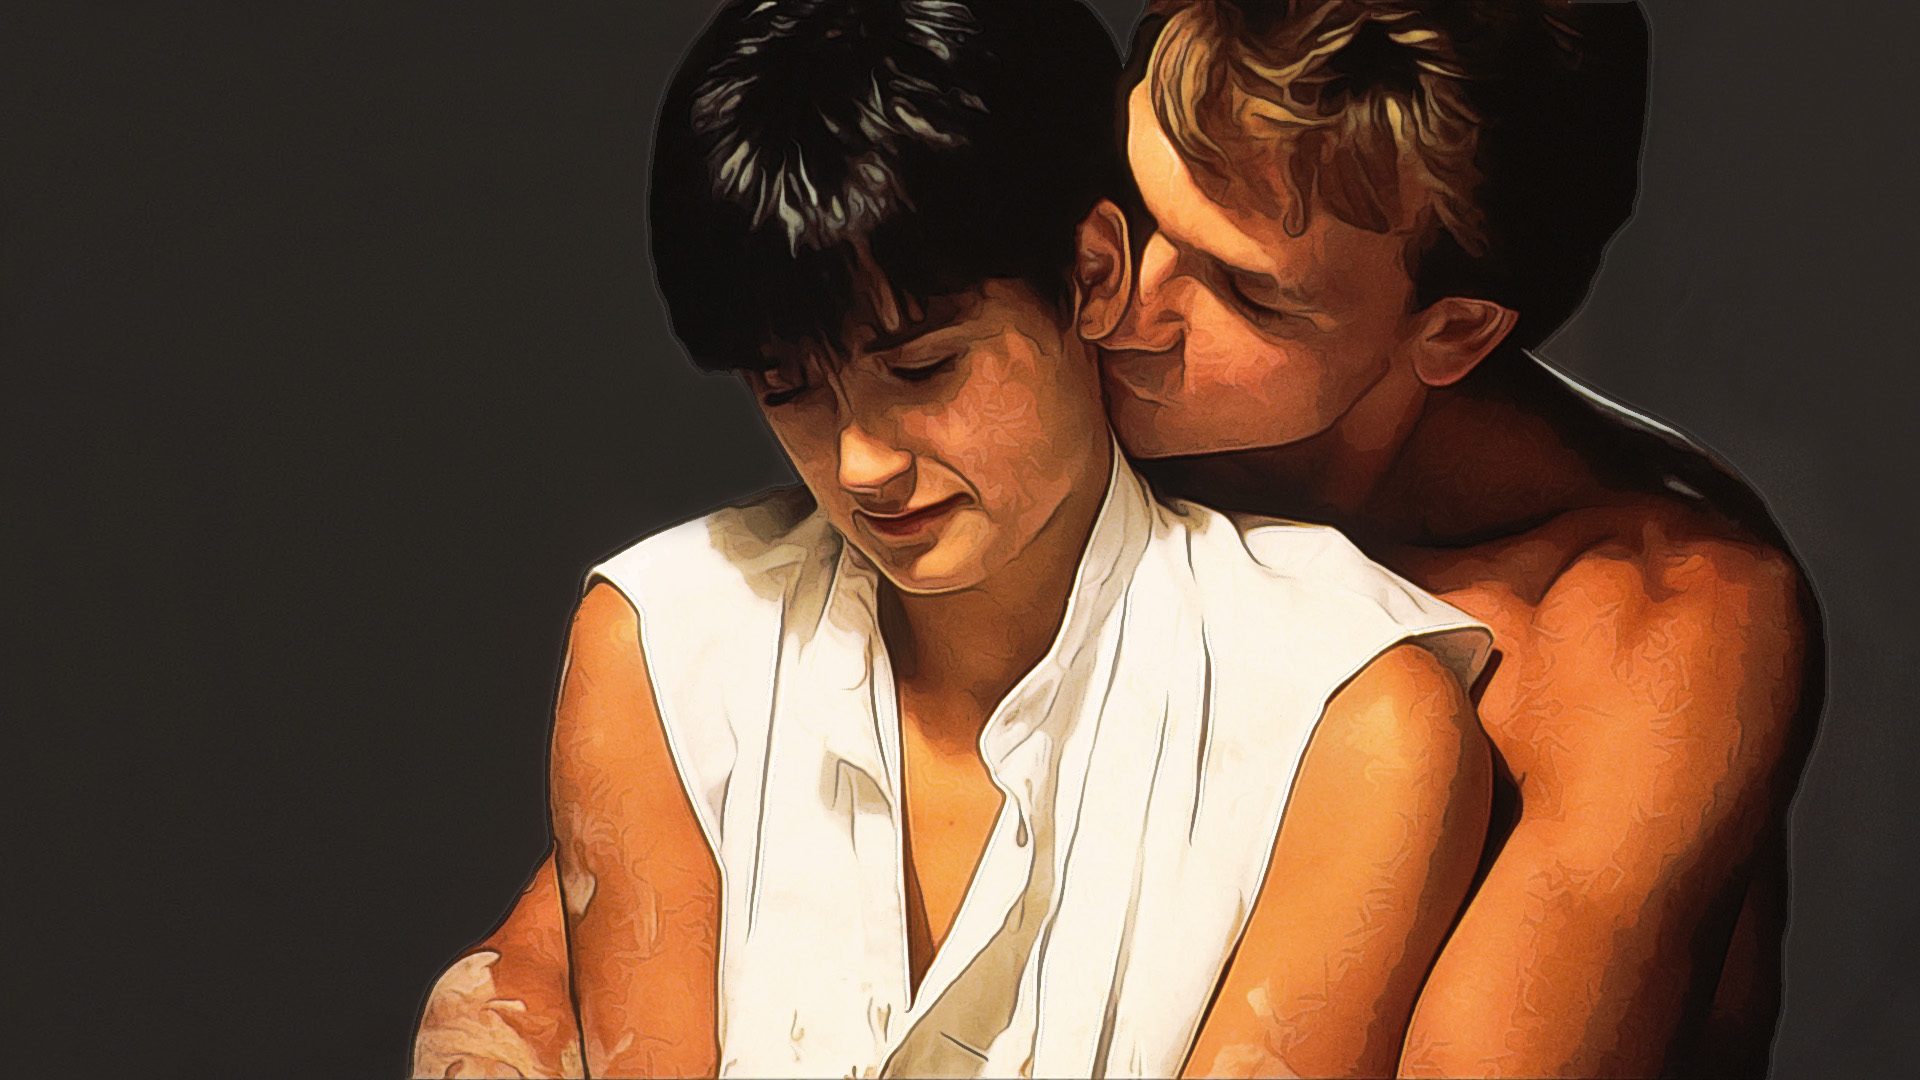 30 éves a film, ami erotikussá tette a fazekasmunkát